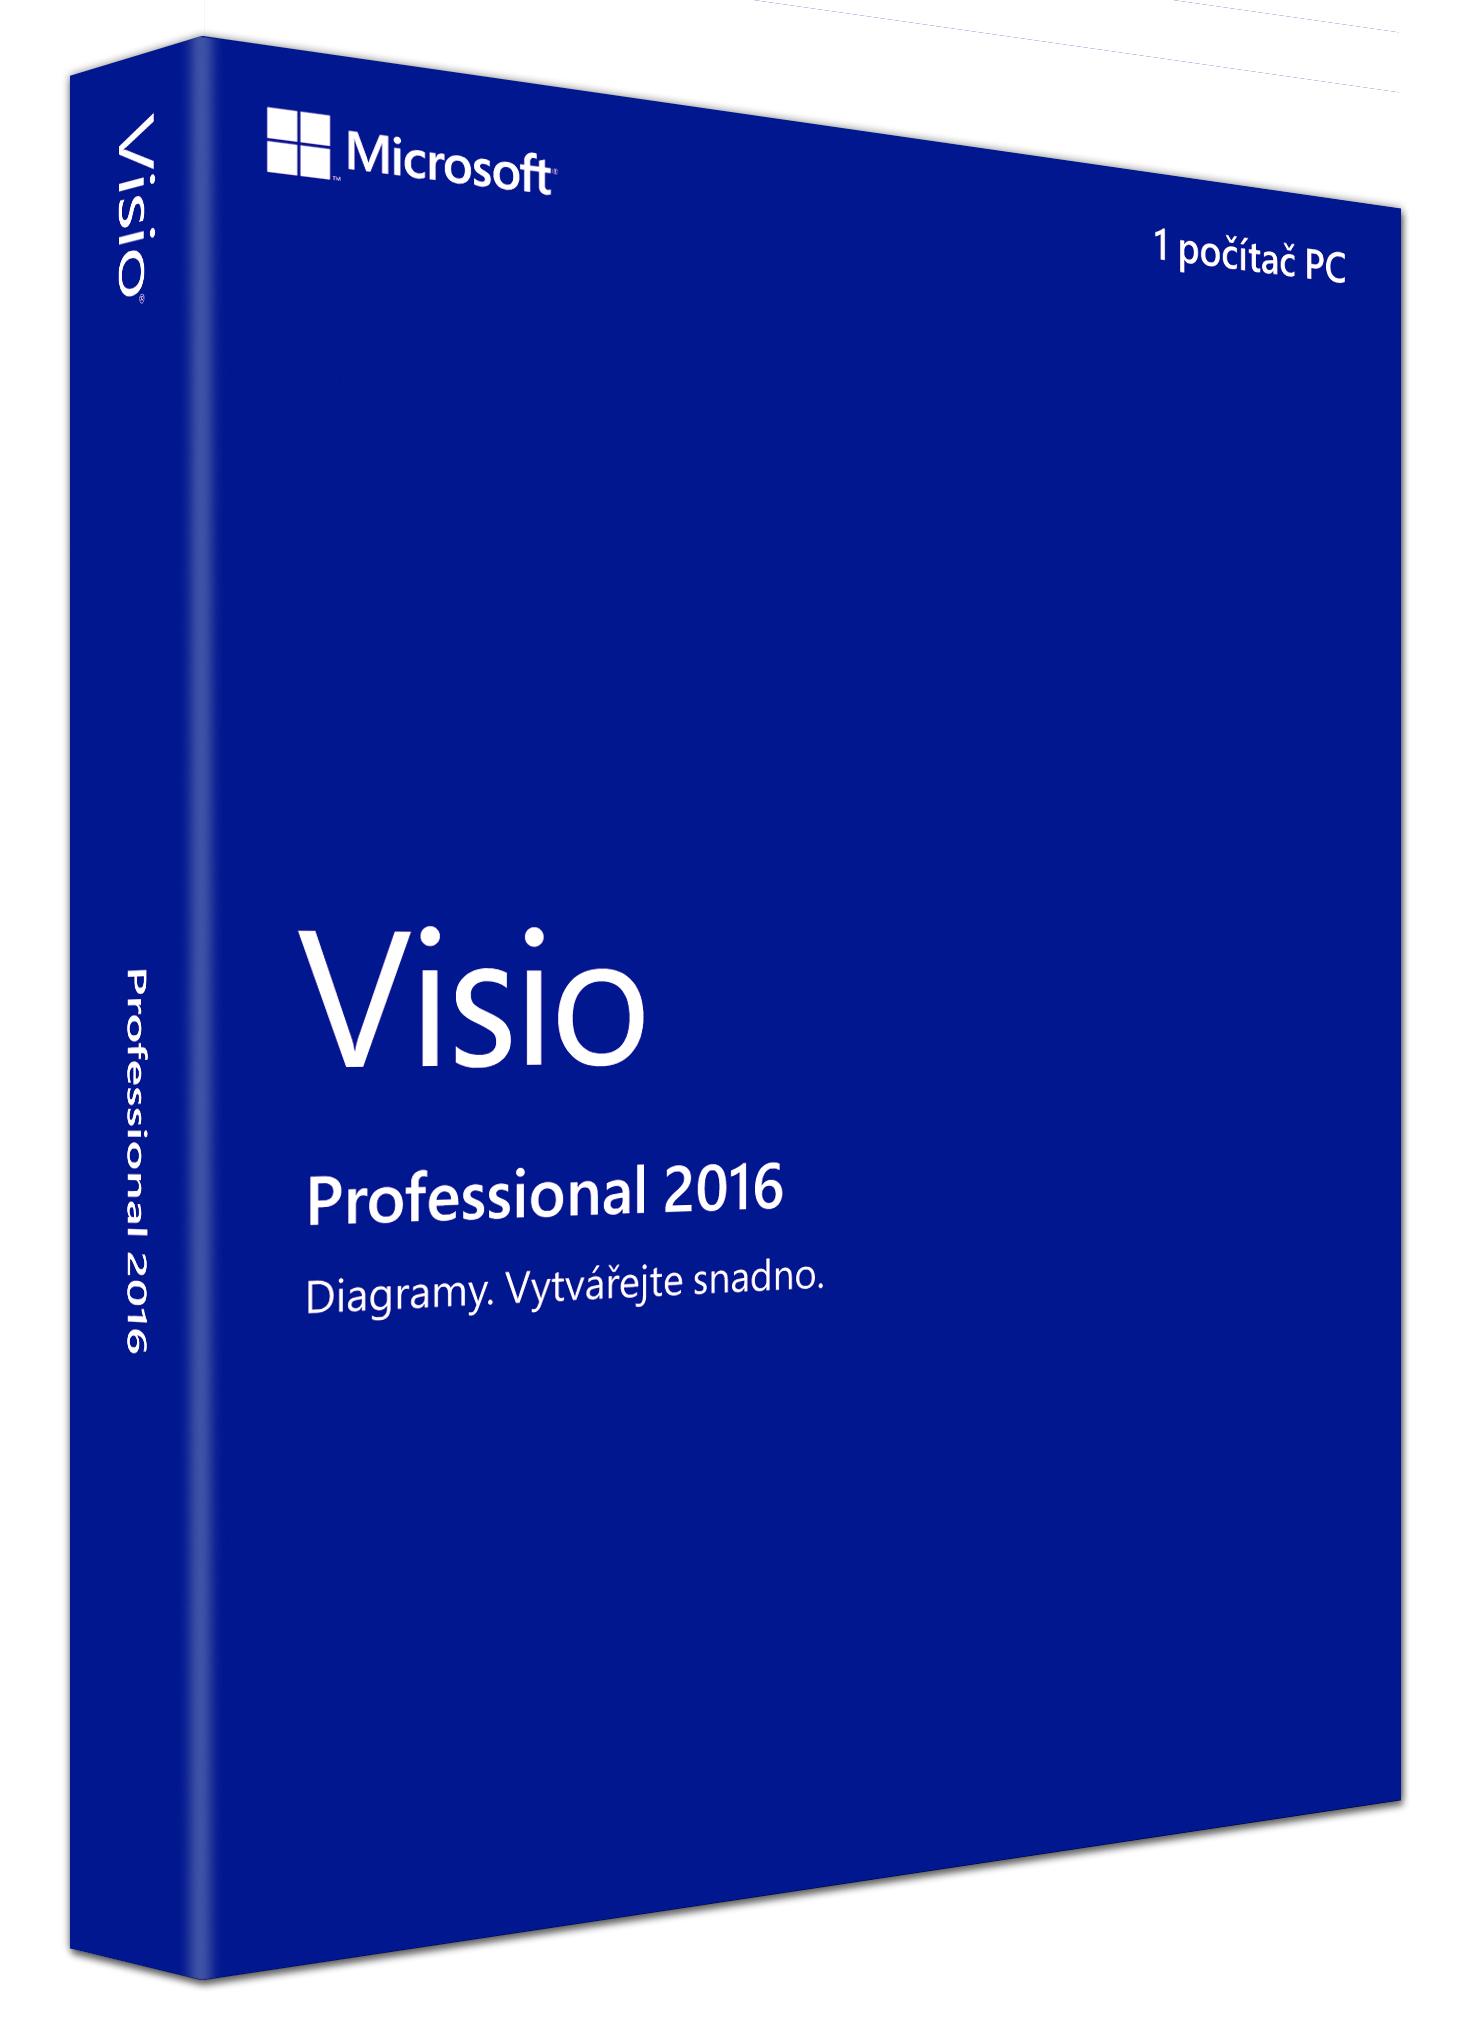 Visio Professional 2016 CZ